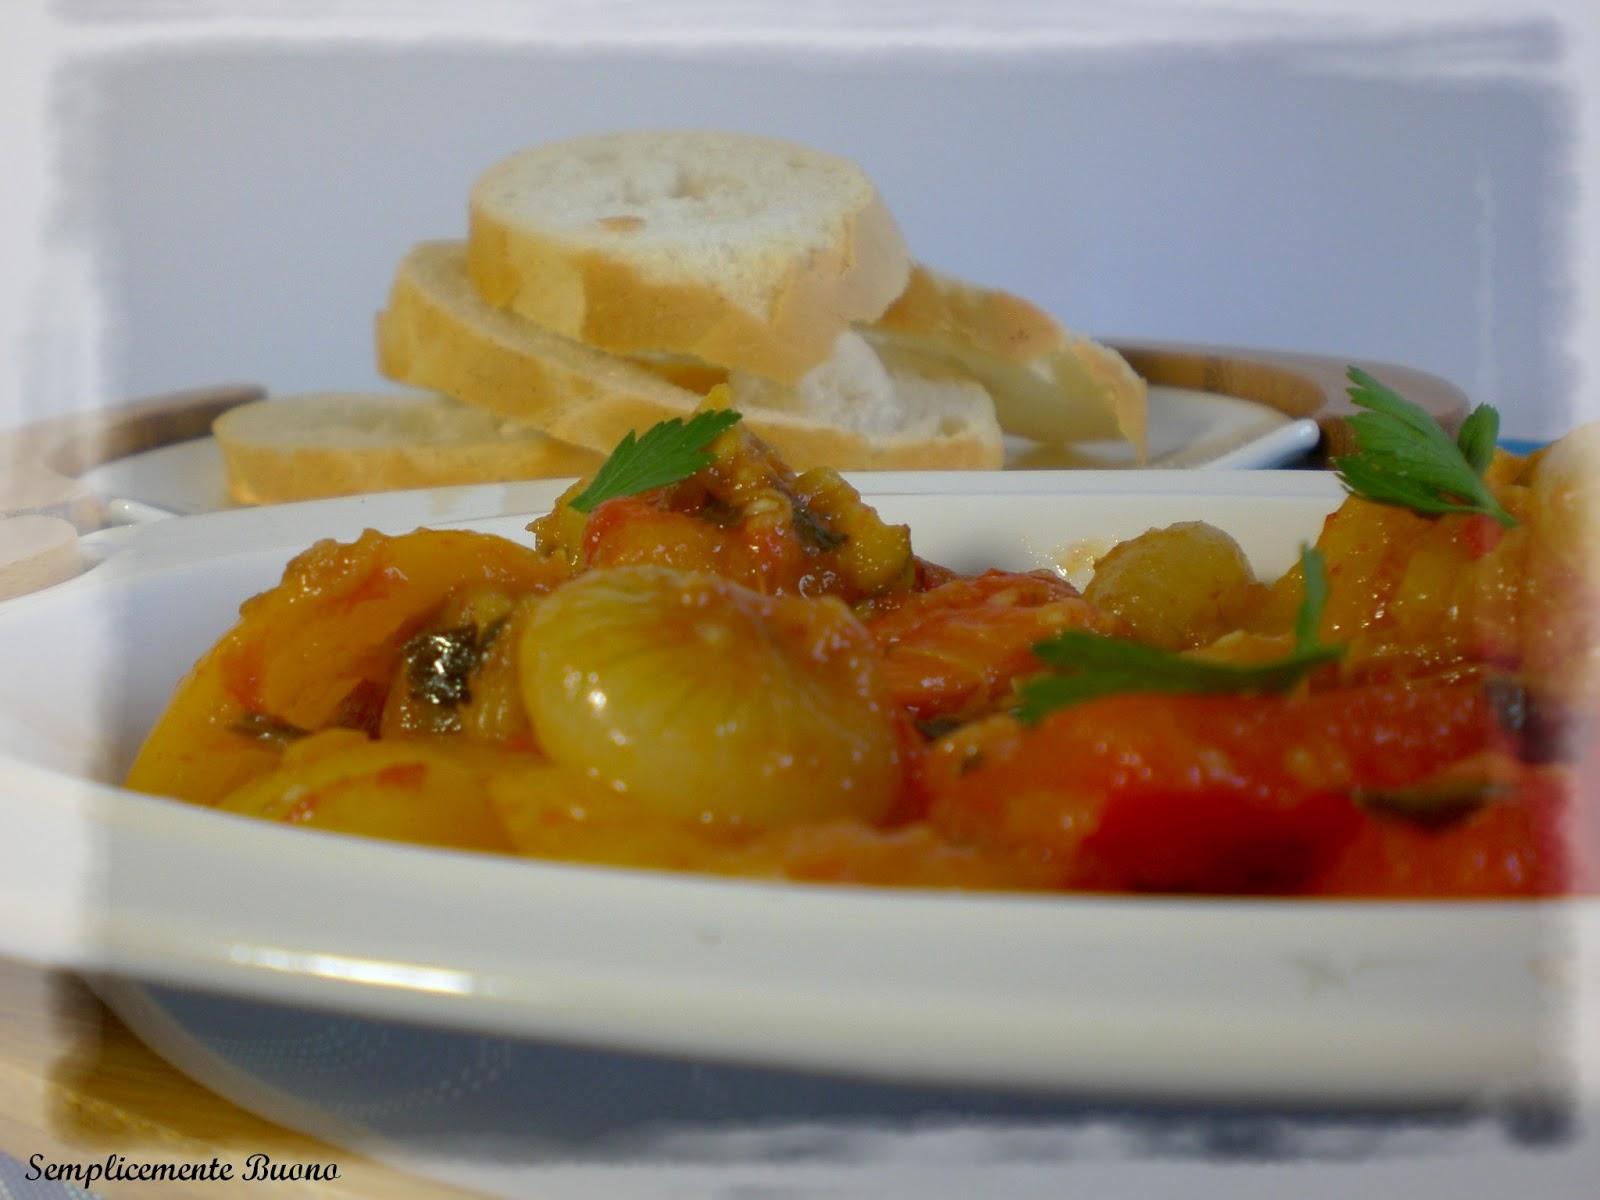 Cucina regionale veneta peperonata alla veneziana - Cucina tipica veneziana ...